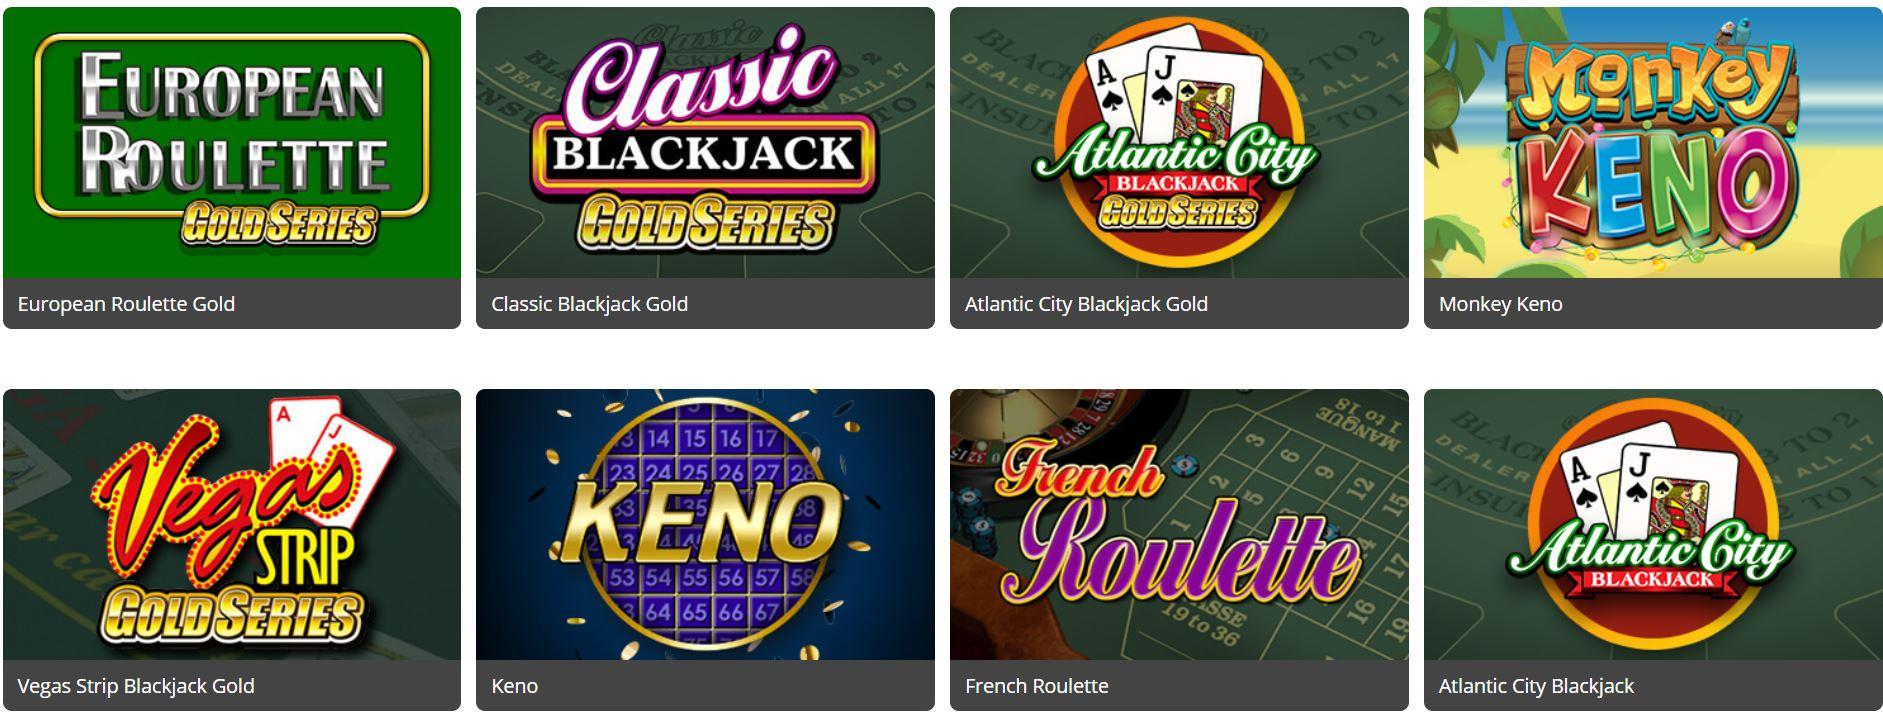 La variedad de juegos de este sitio de juegos de azar es muy amplia.